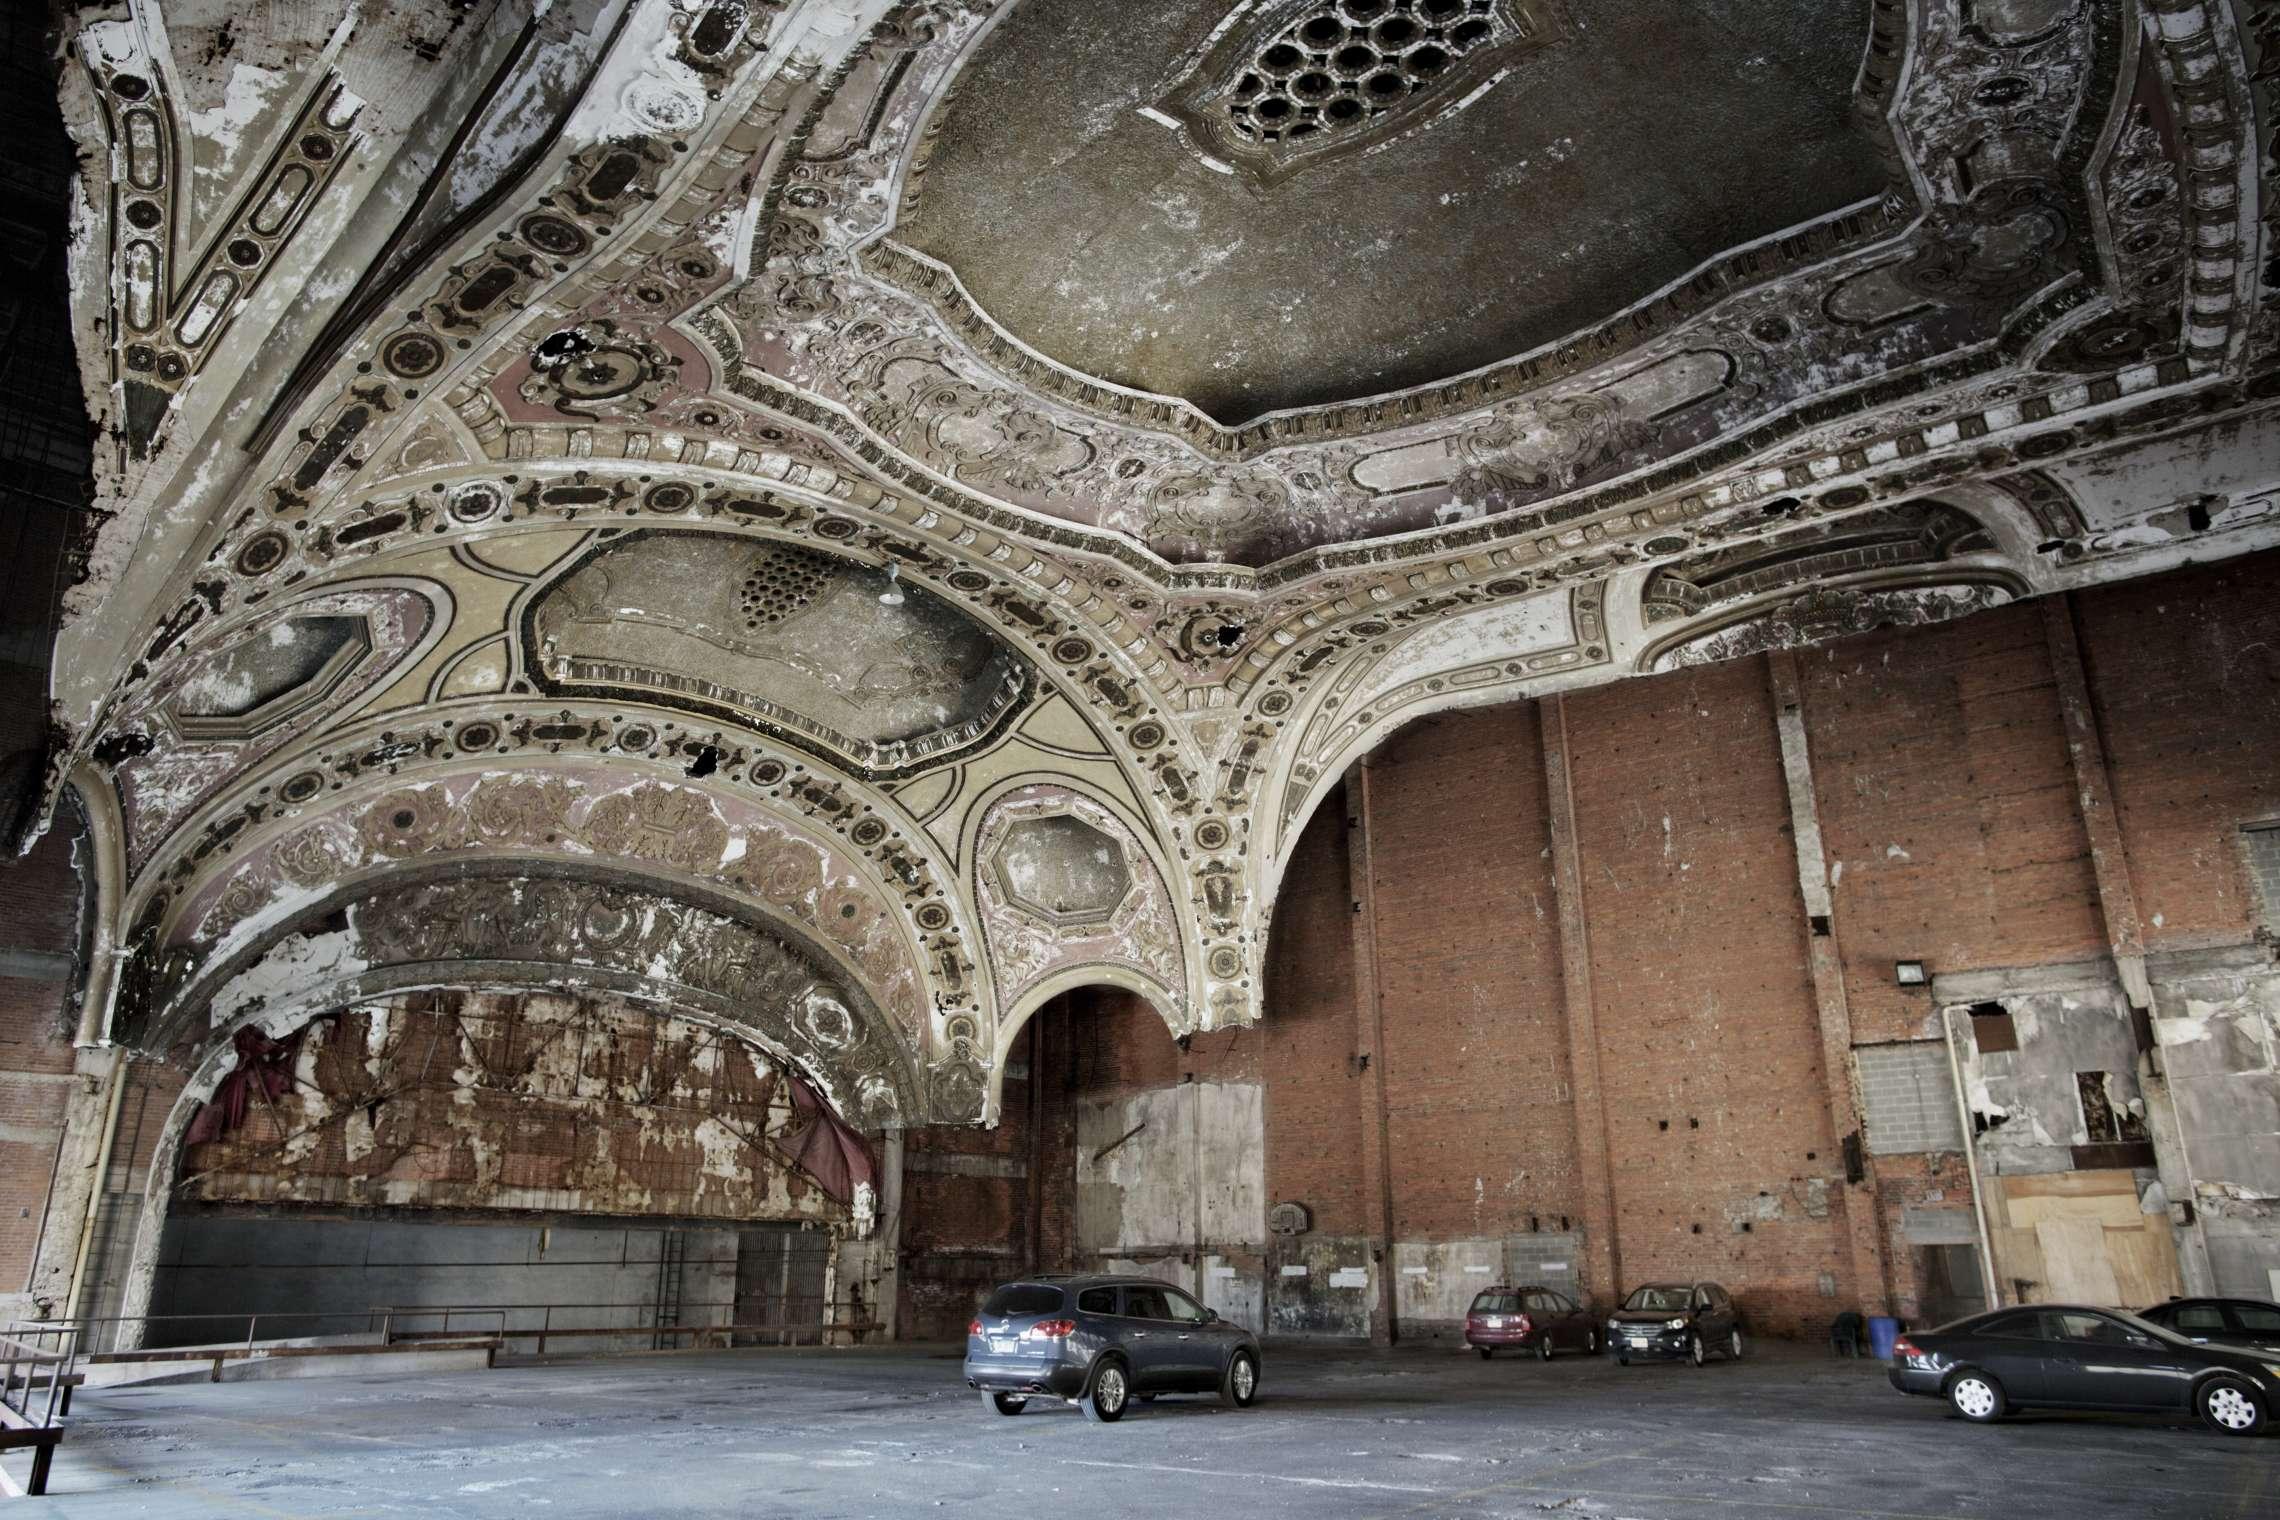 00619 08. Dokumentar utland 24.03.2014 10/10 Livet blant ruinene Detroit Michigan teater ble bygget på stedet hvor Henry Ford startet sin bilproduksjon, i sentrum av byen. Teateret hadde 4.000 sitteplasser, men måtte stenge midt på 1960-tallet på grunn av økonomiske nedgangstider. I dag er teateret et parkeringshus. Detroit var stedet hvor middelklassen ble skapt, mye takket være bilindustrien med Ford og General Motors i spissen. Hundretusener flyttet til byen, og den vokste raskt, og med gode lønninger og arbeid for alle, vokste forbruket. Men klasseskille, rasisme, opptøyer, korrupsjon og ikke minst stigende arbeidsledighet fra 1970-tallet førte til at mange forlot den en gang så pulserende byen. Tilbake sto tomme fabrikker, boliger, butikker, skoler, sykehus og andre offentlige bygninger. På begynnelsen av 1950-tallet bodde det over 1,8 millioner mennesker i Detroit, i dag rundt 700.000. I juli 2013 gikk byen konkurs, den største bykonkursen i amerikansk historie. Serien ble påbegynt i 2014 og avsluttet i 2015.